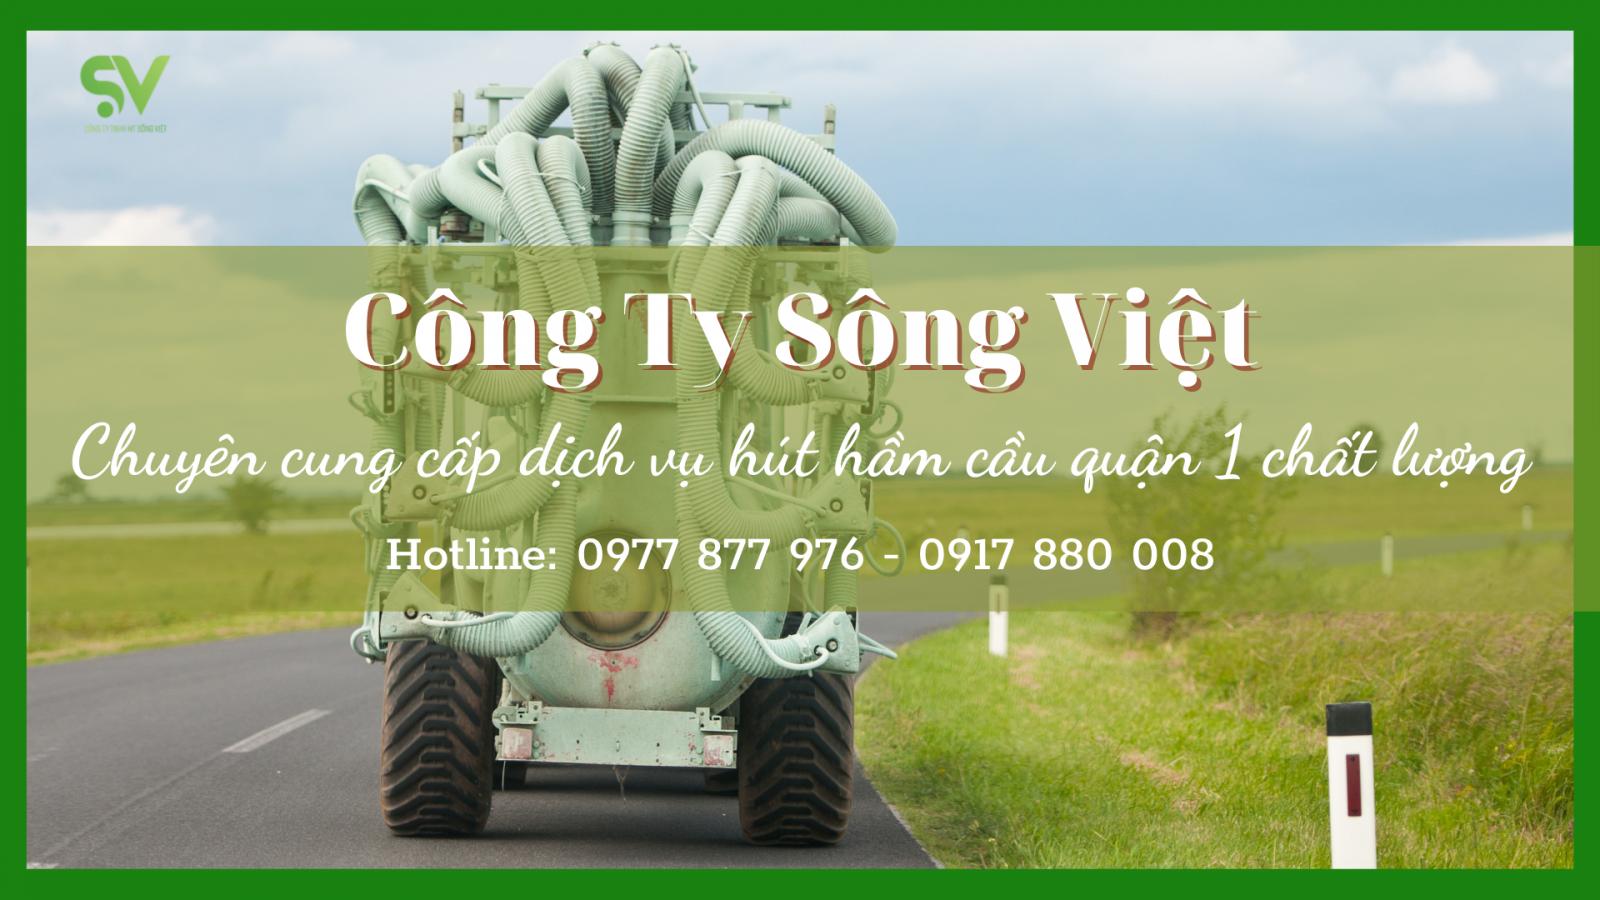 Dịch vụ hút hầm cầu quận 1 Sông Việt uy tín và chất lượng